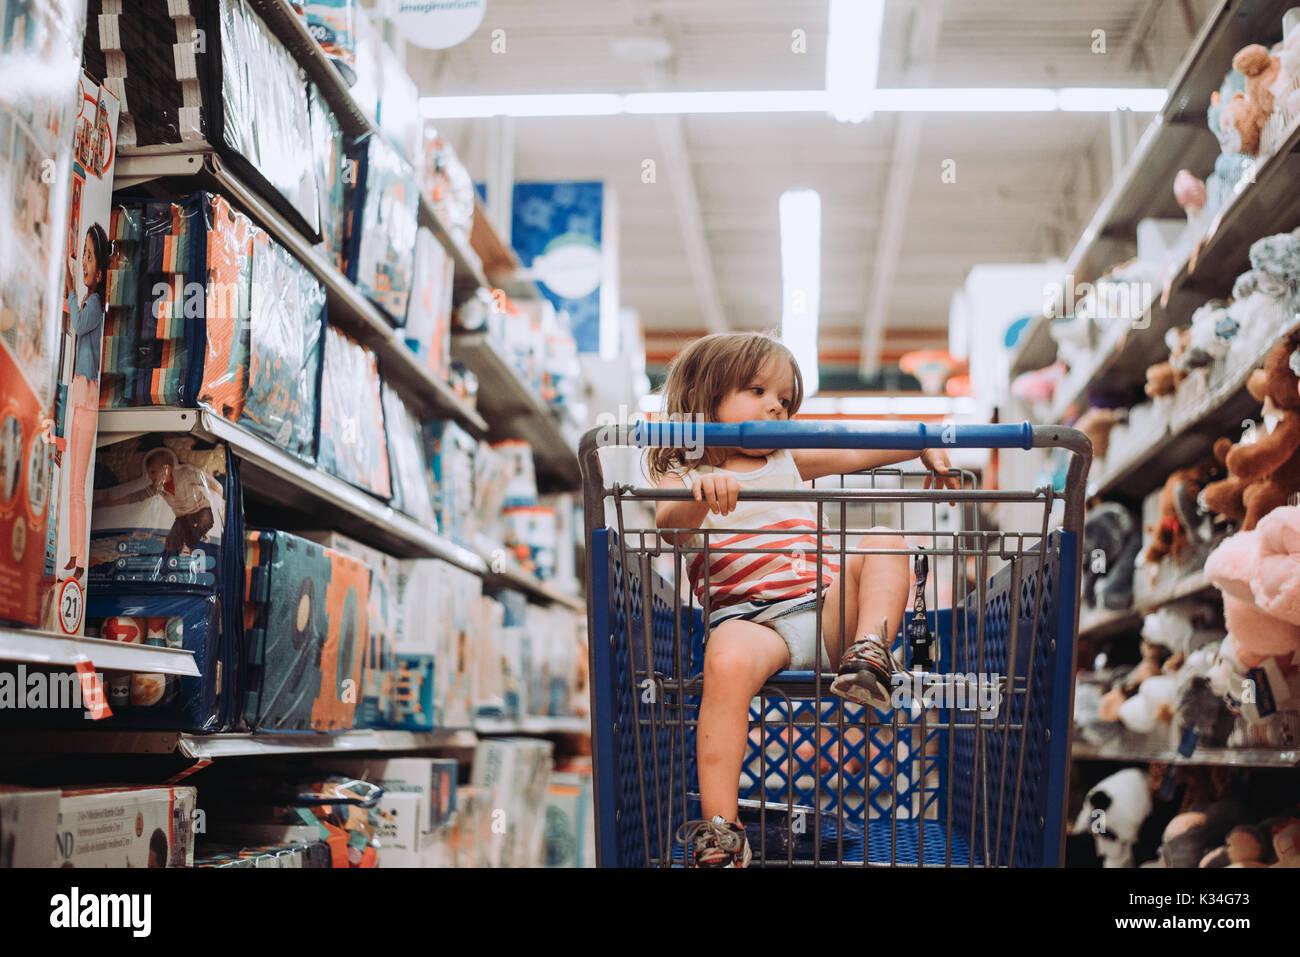 Ein Kleinkind sitzt in einem Warenkorb in einem Spielzeugladen. Stockbild